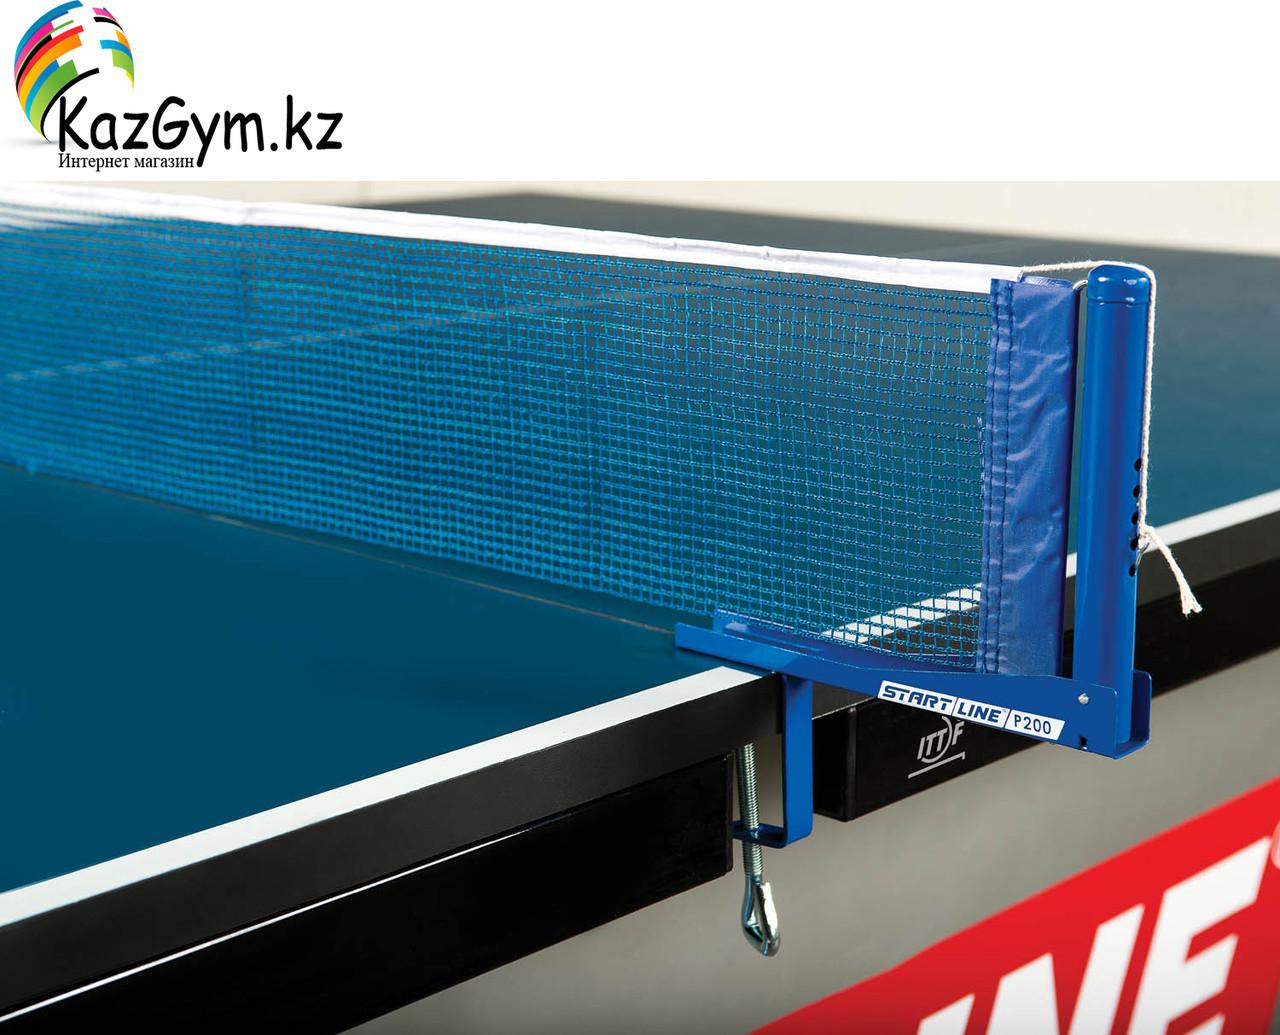 Сетка для настольного тенниса Classic нейлоновая, крепление - фиксатор